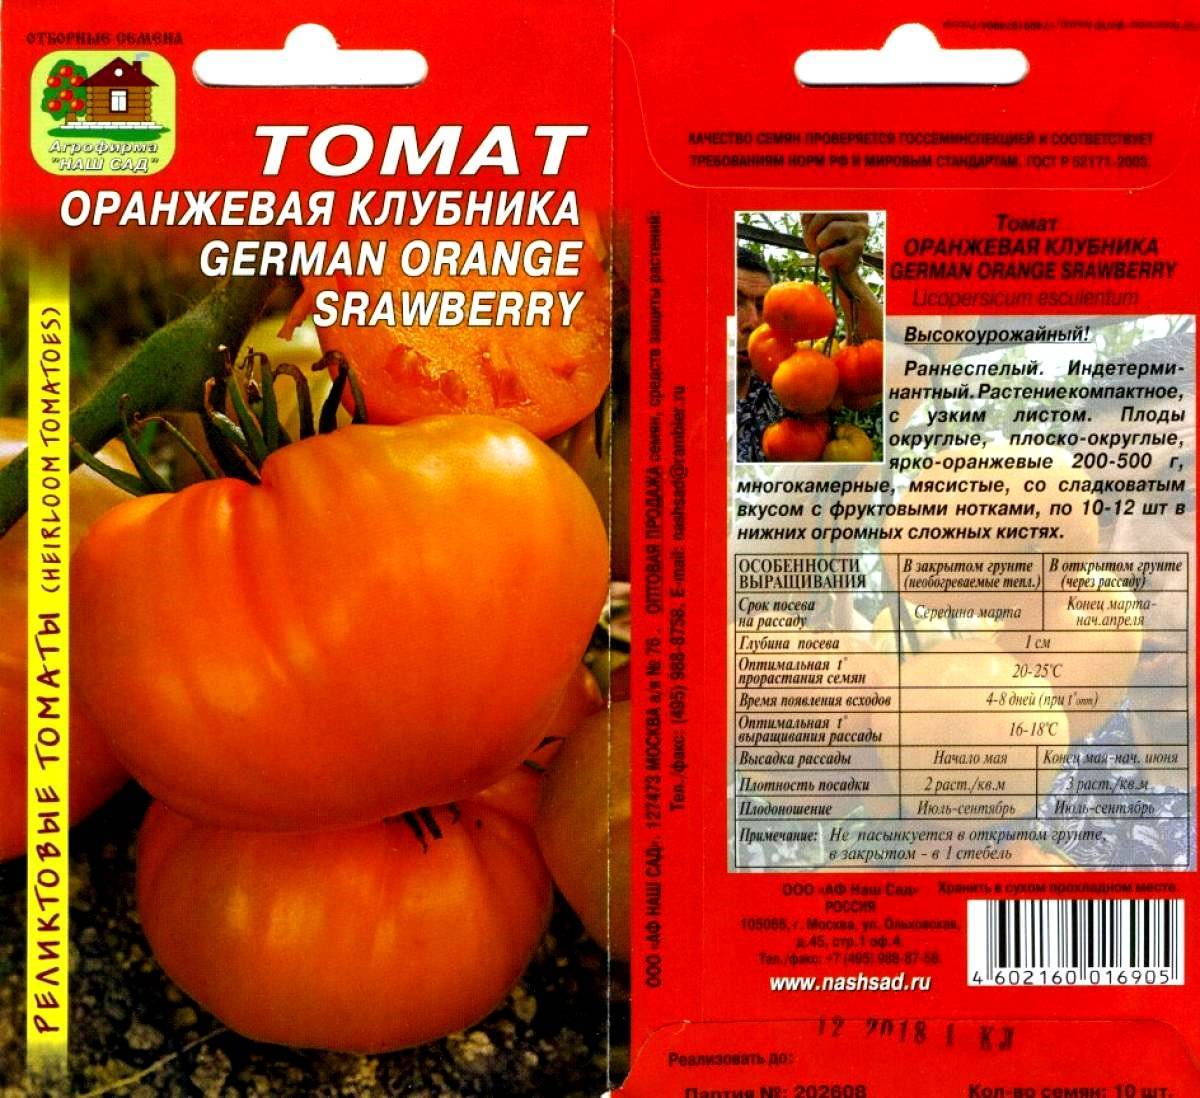 Оранжевая клубника – немецкий томат высокого качества. рекомендации по выращиванию и описание